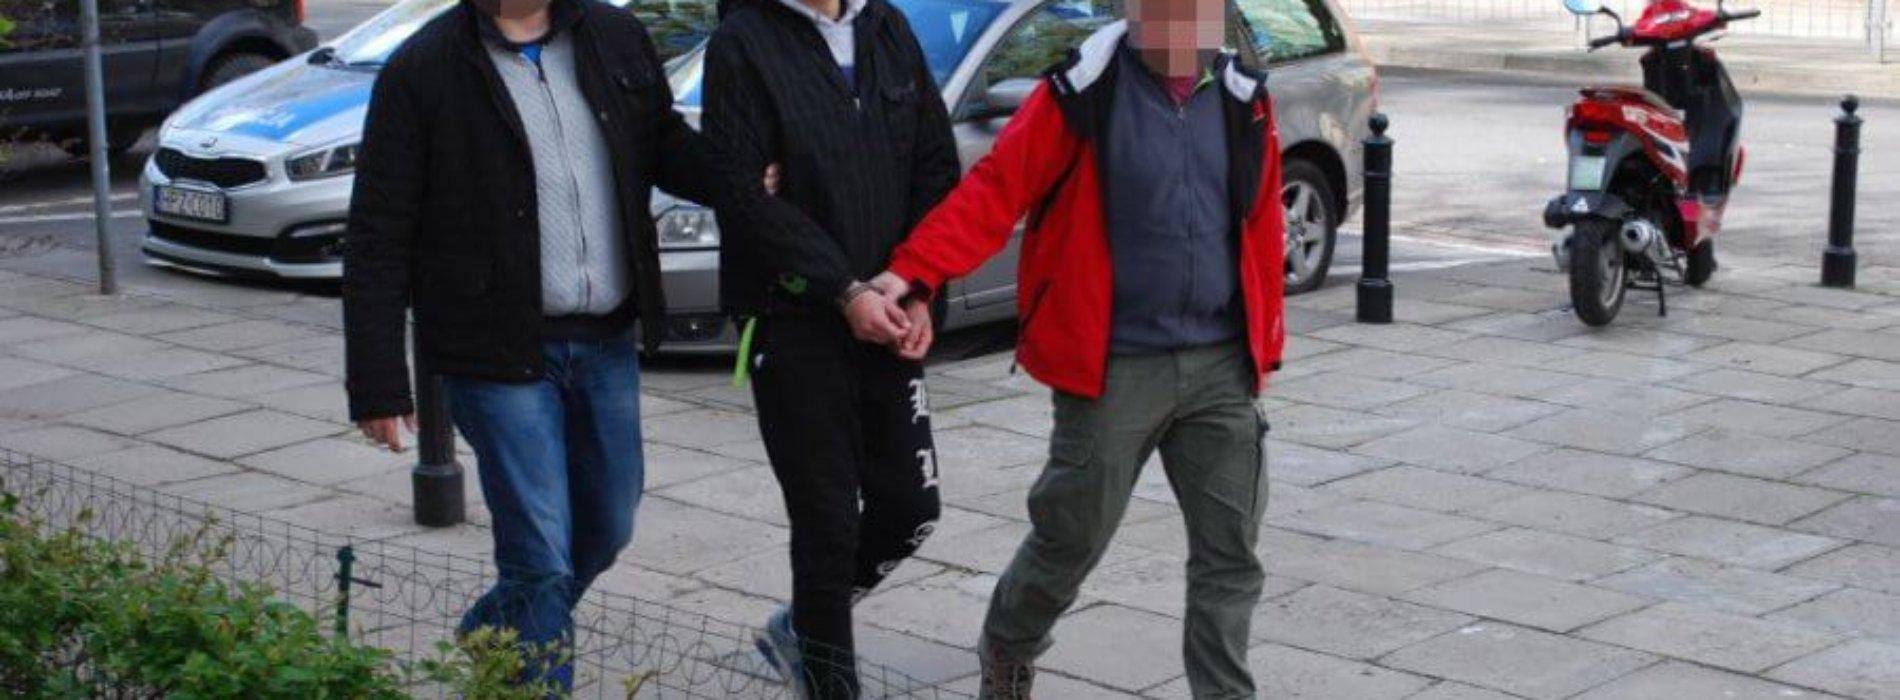 """PODEJRZANY O OSZUSTWO METODĄ """"NA POLICJANTA"""" ZATRZYMANY"""